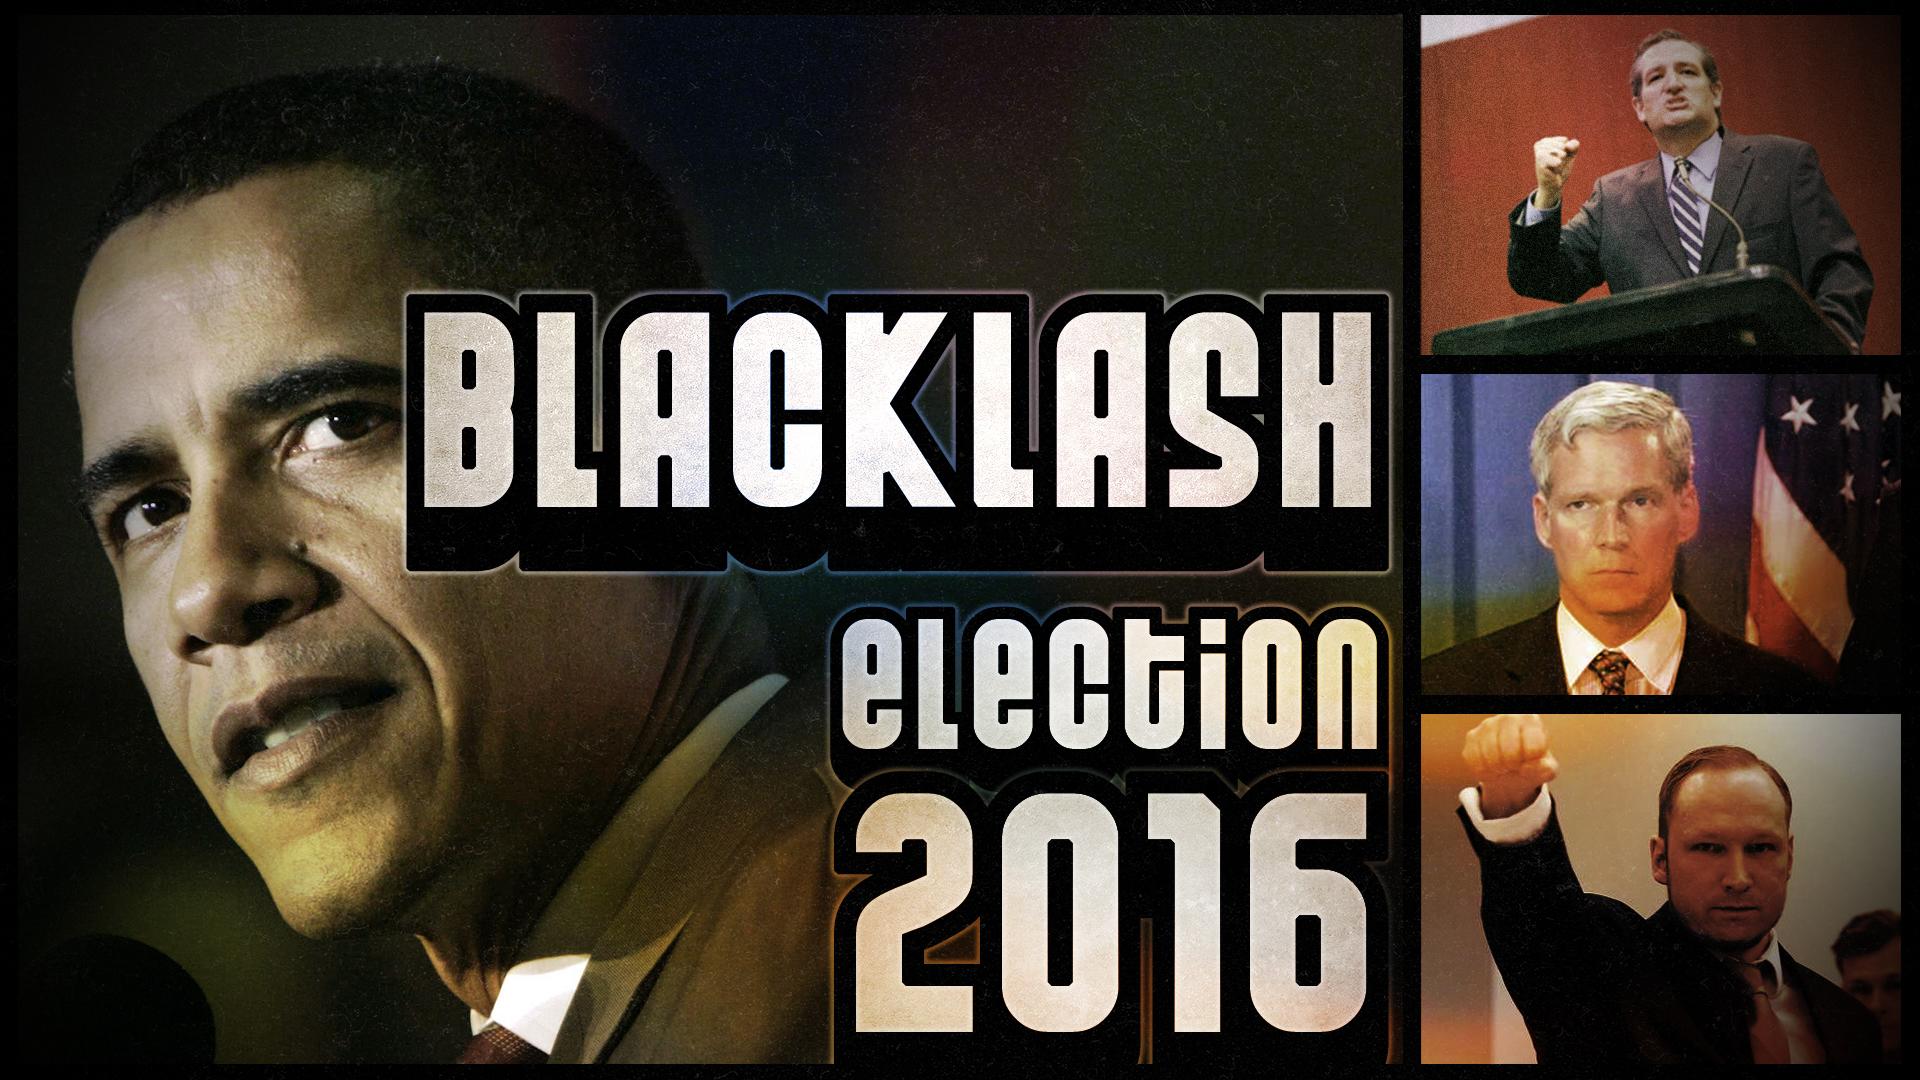 BLACKLASH.jpg